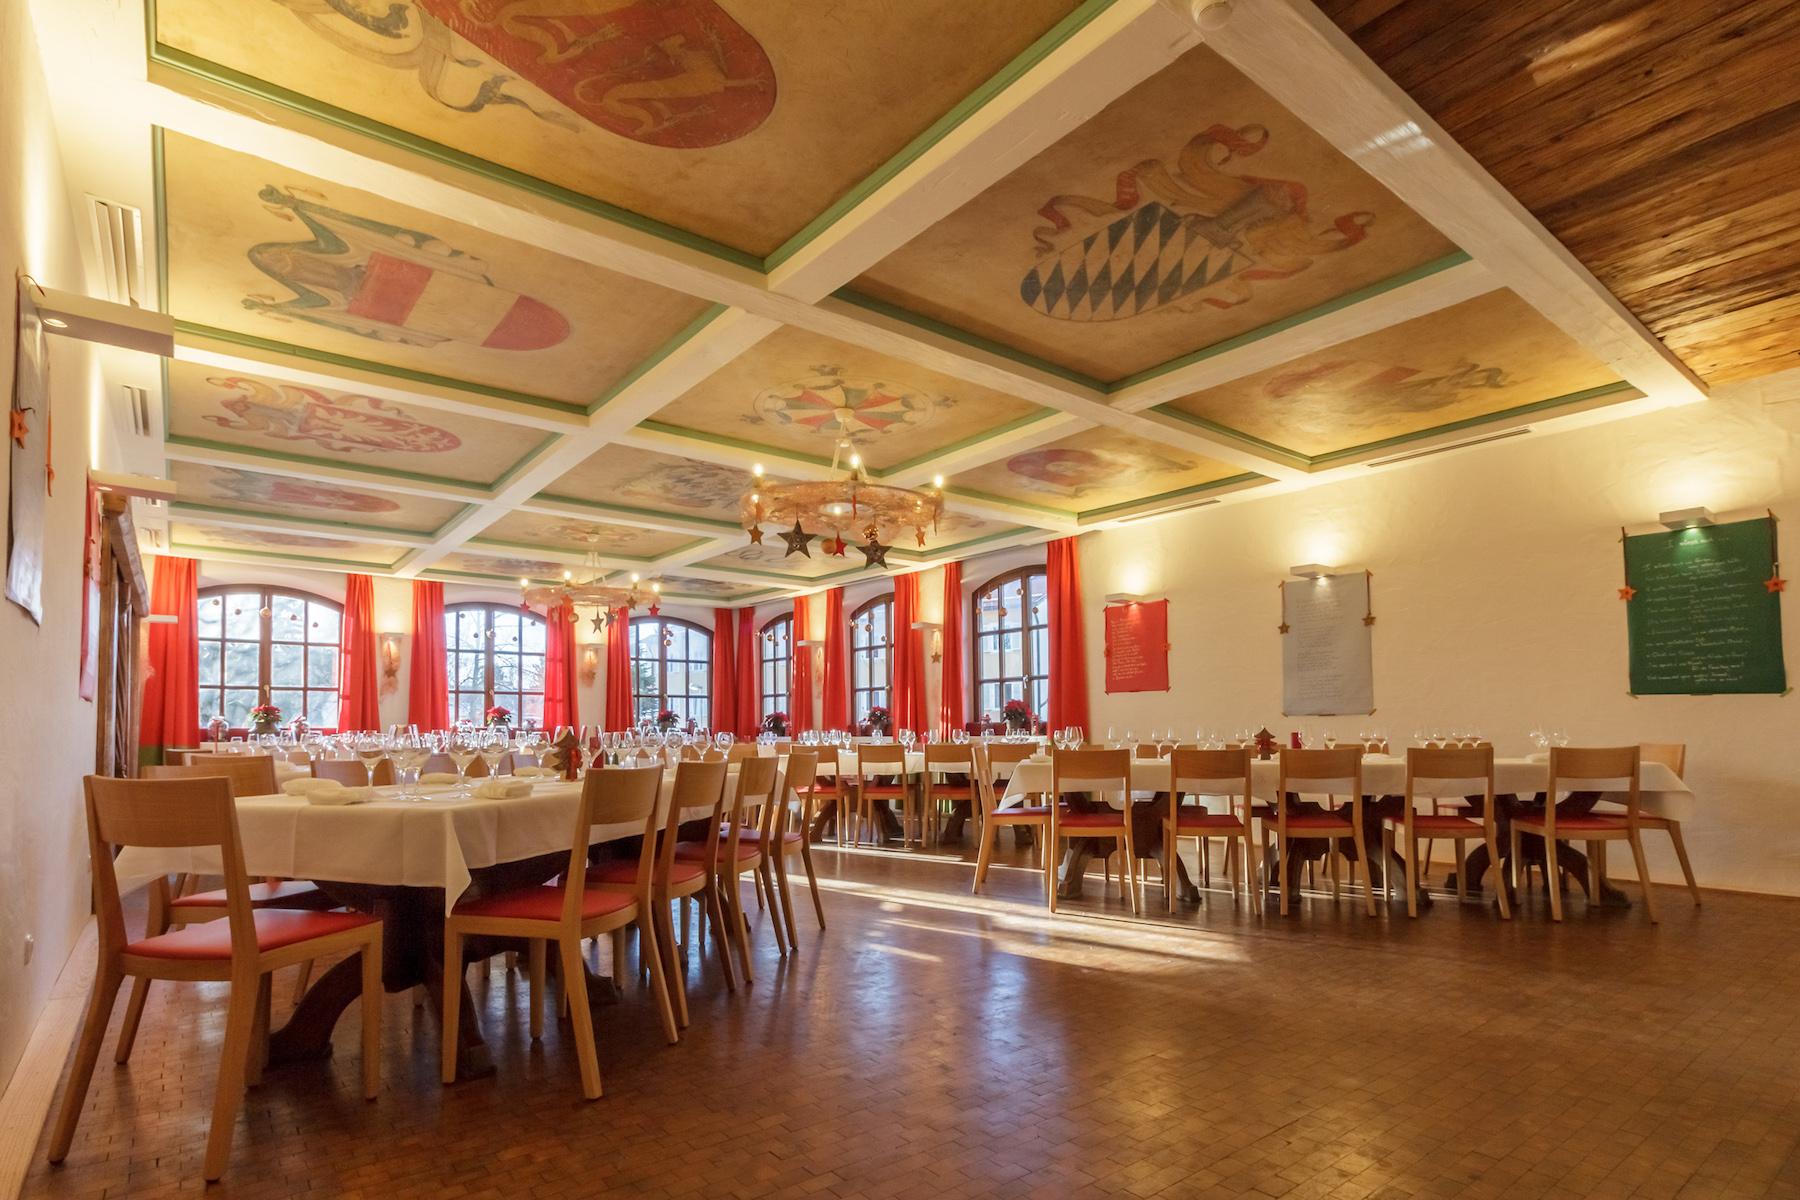 Location für Hochzeiten und Räume zum Feiern in Grünwald bei München - Alter Wirt